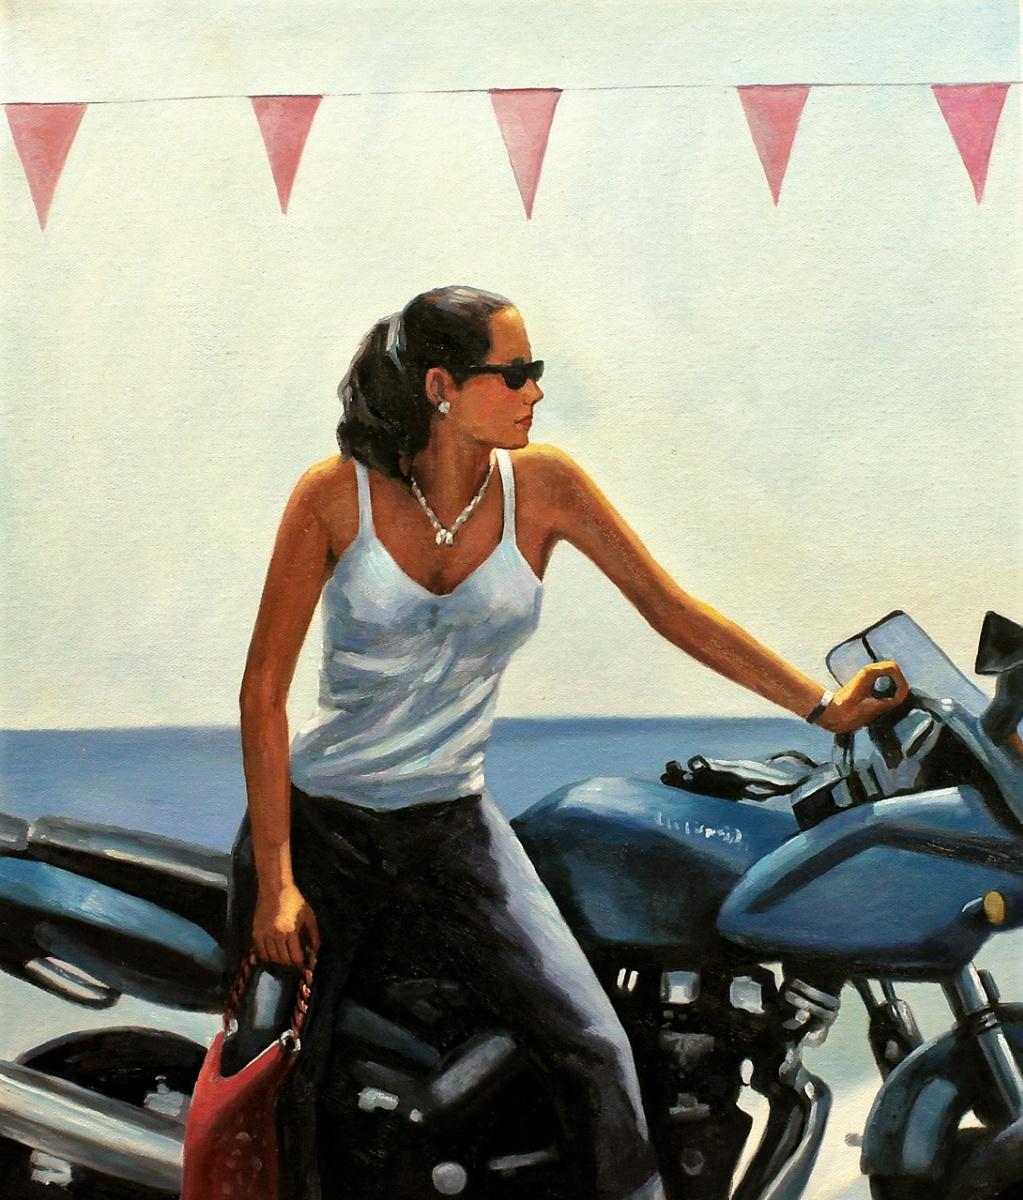 Савелий Камский. Копия картины Джека Веттриано La fille la moto